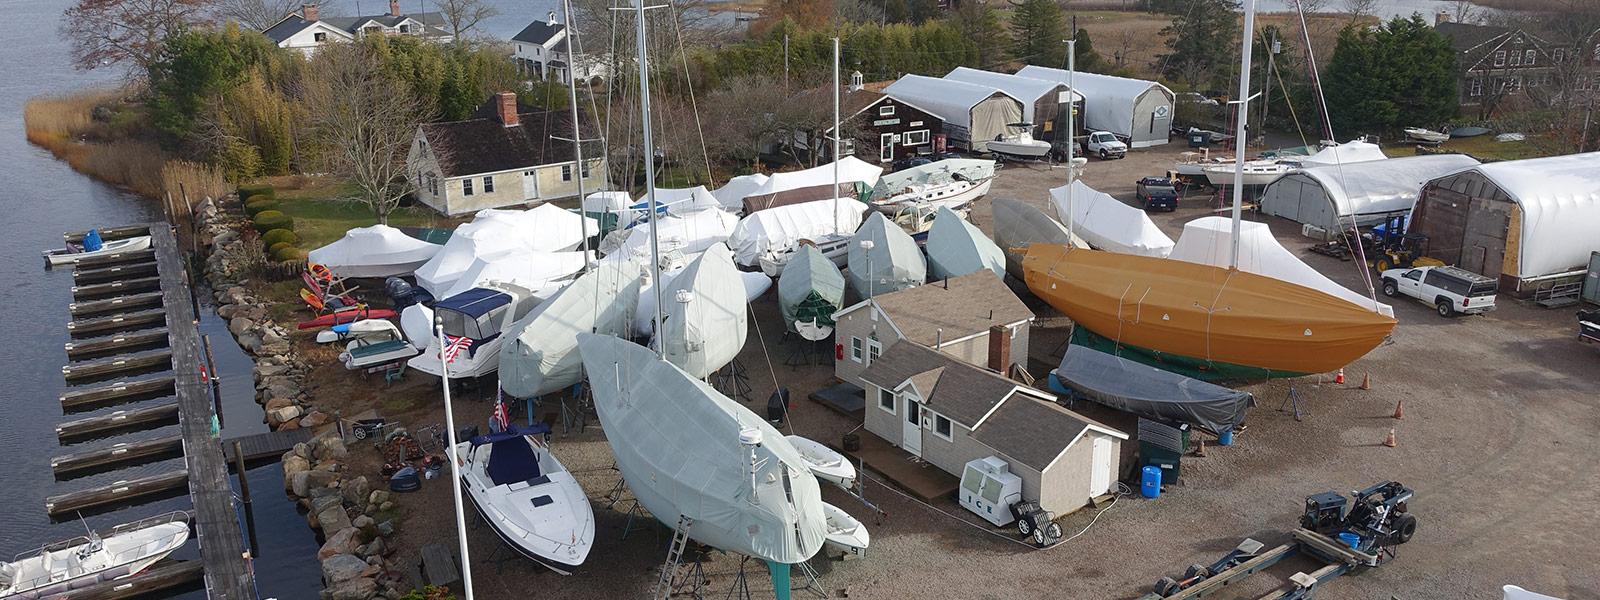 Frank Hall Boat Yard in Westerly, RI